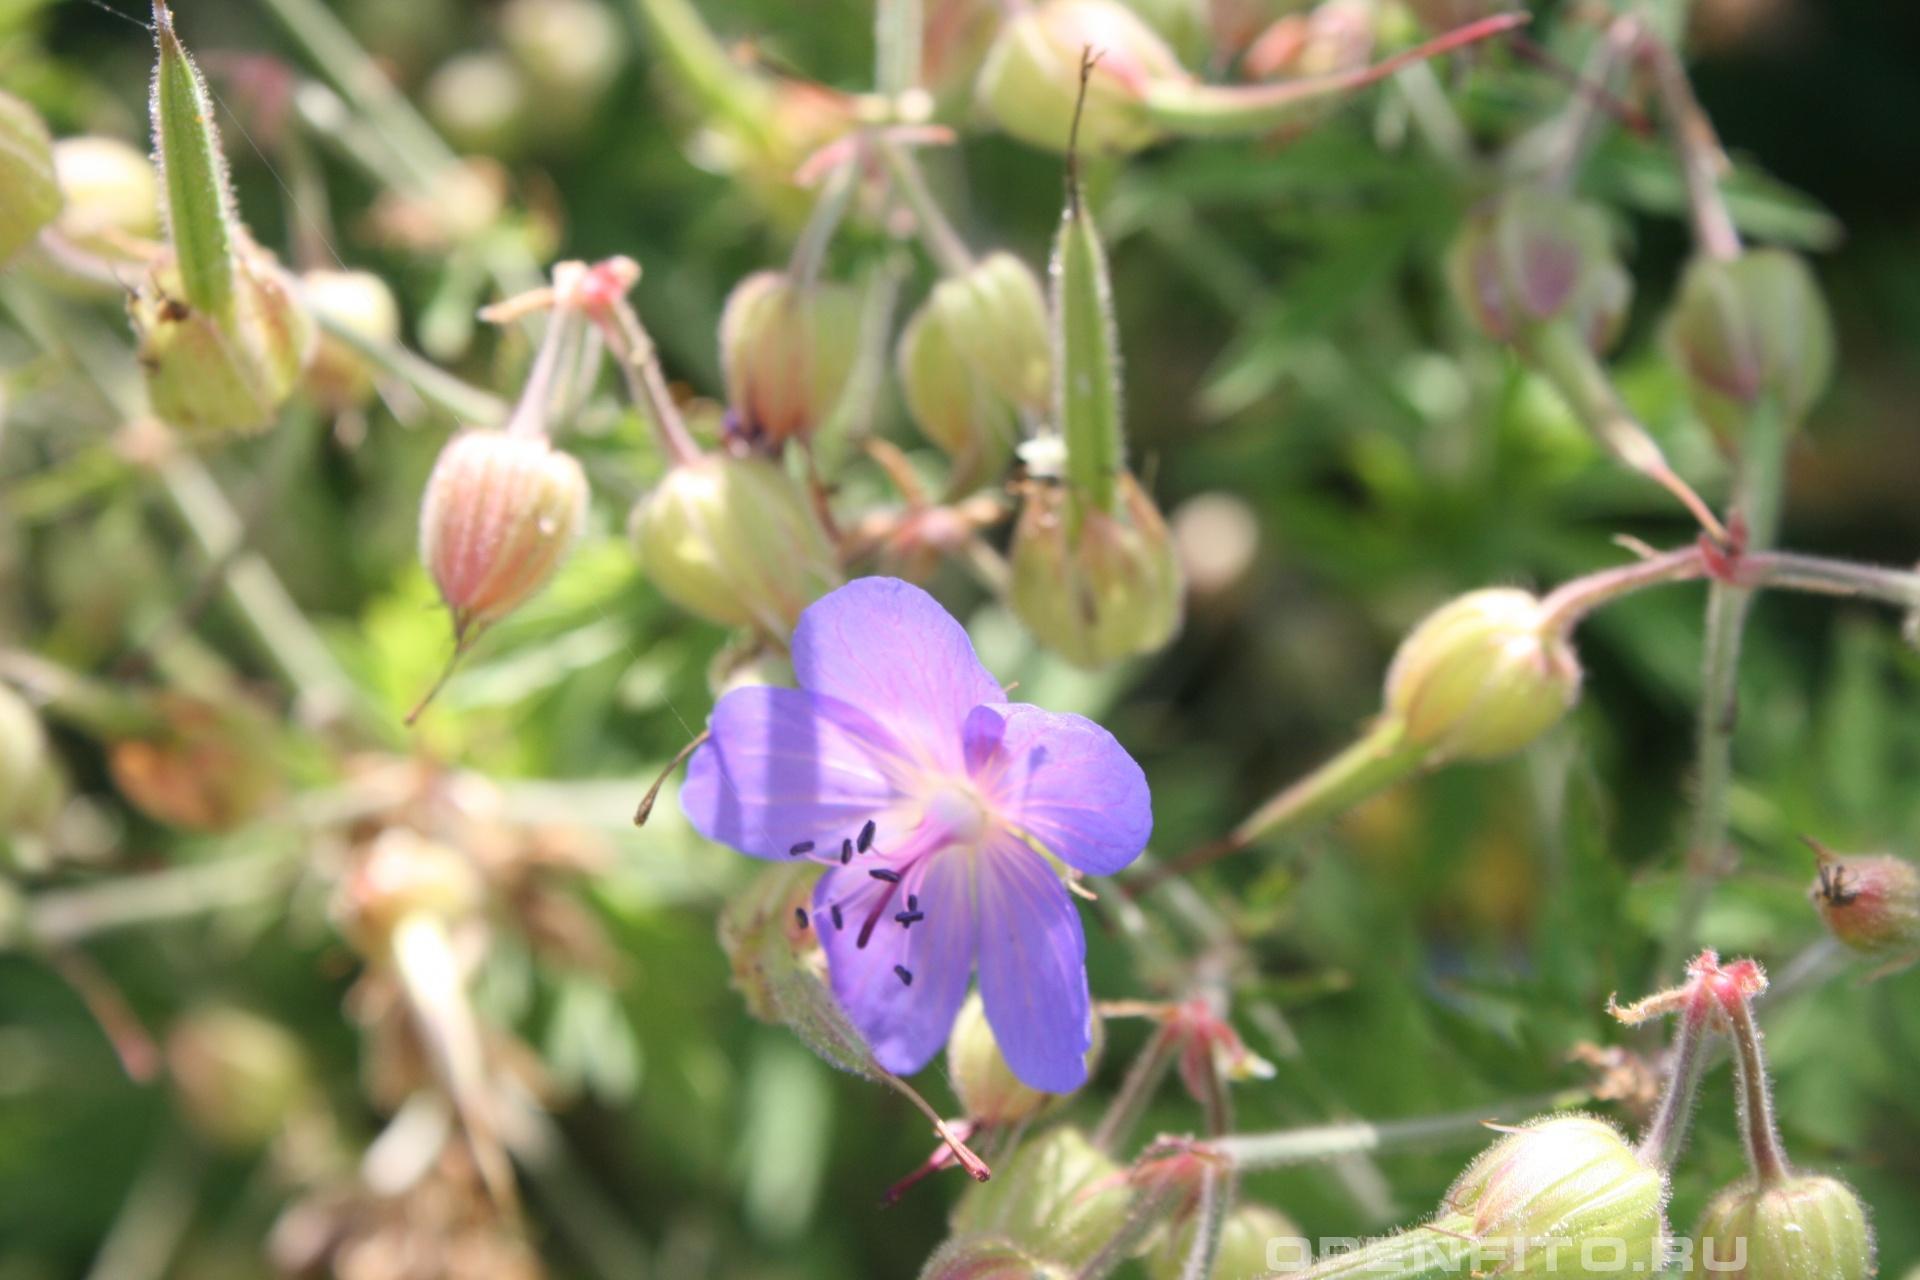 Герань луговая Цветок и незрелые семена